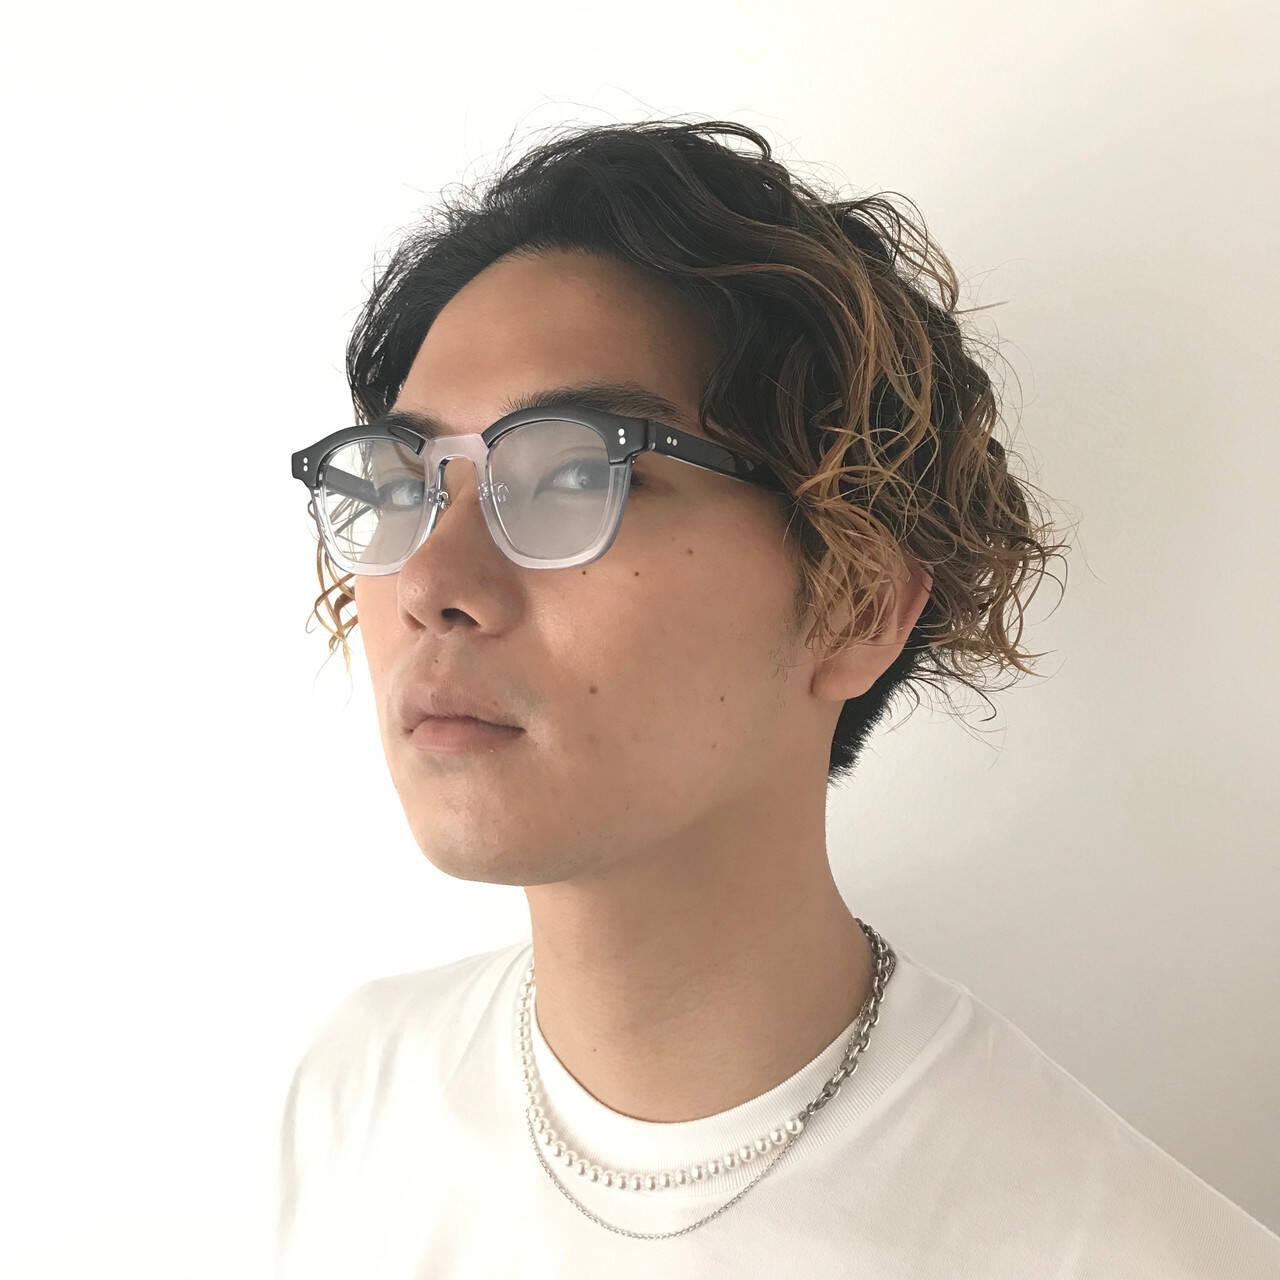 メンズカラー ストリート メンズパーマ ミディアムヘアスタイルや髪型の写真・画像